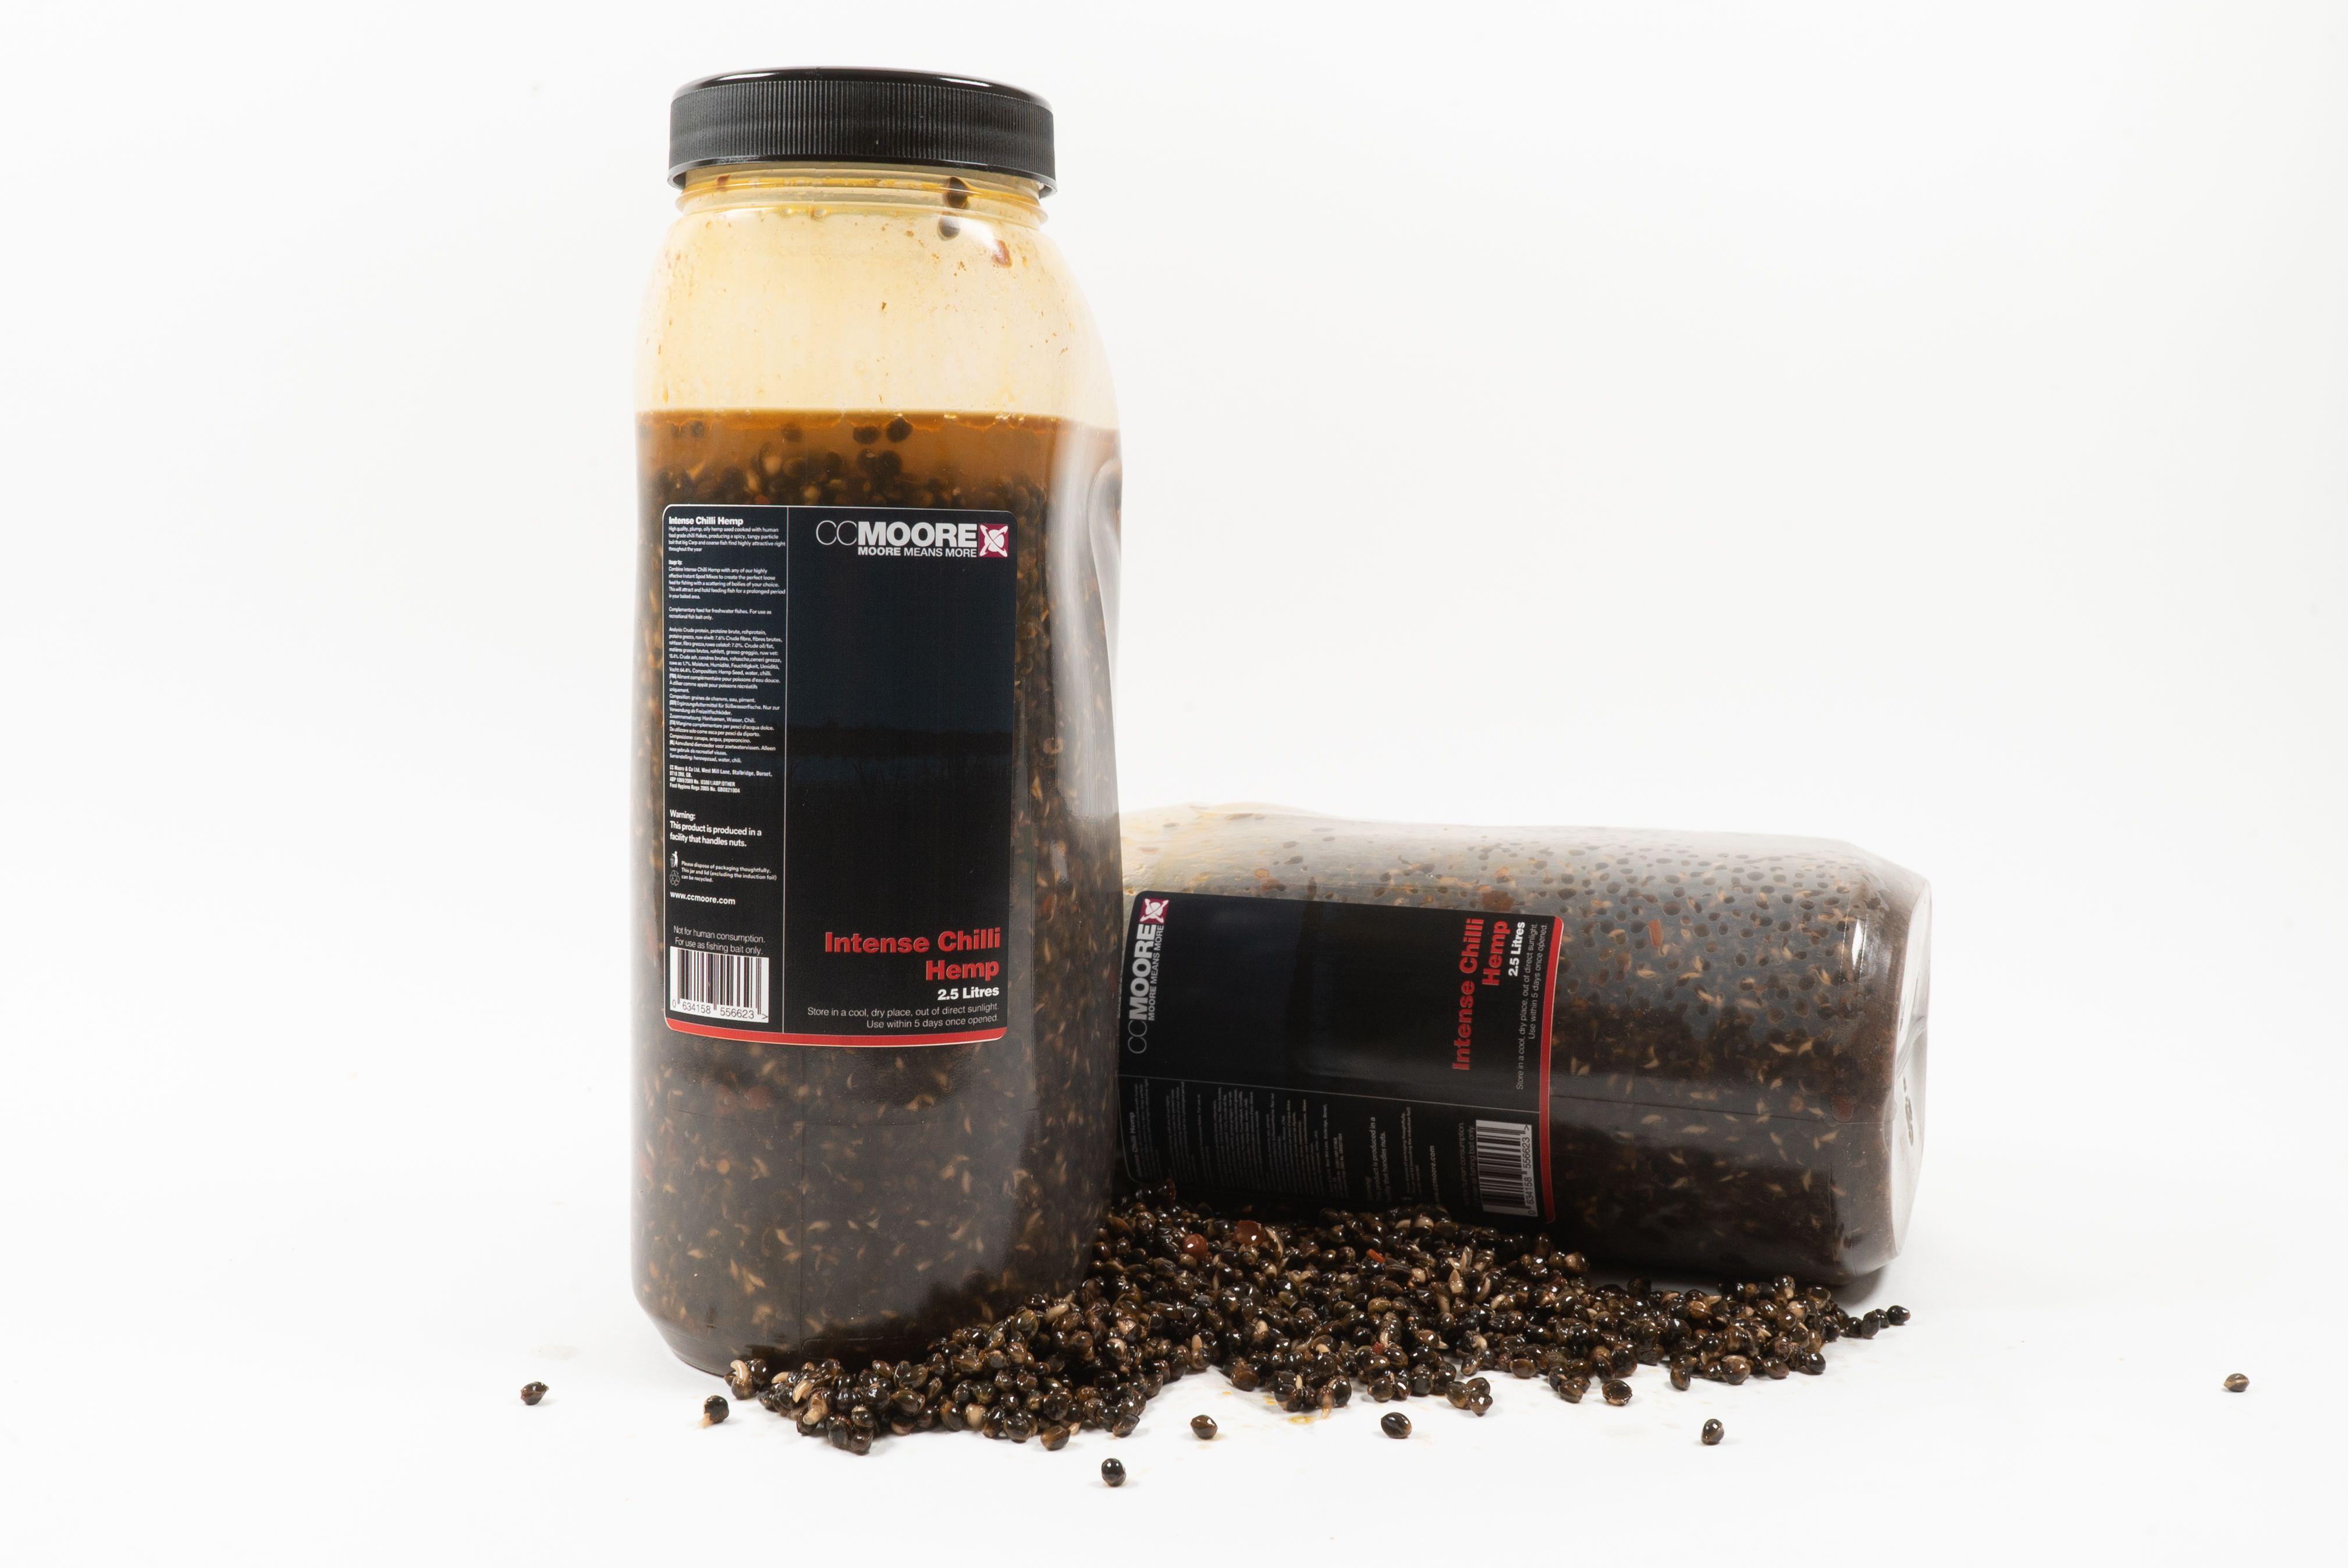 CC Moore nakládaný partikl - Konopí v Chilli nálevu 2,5l